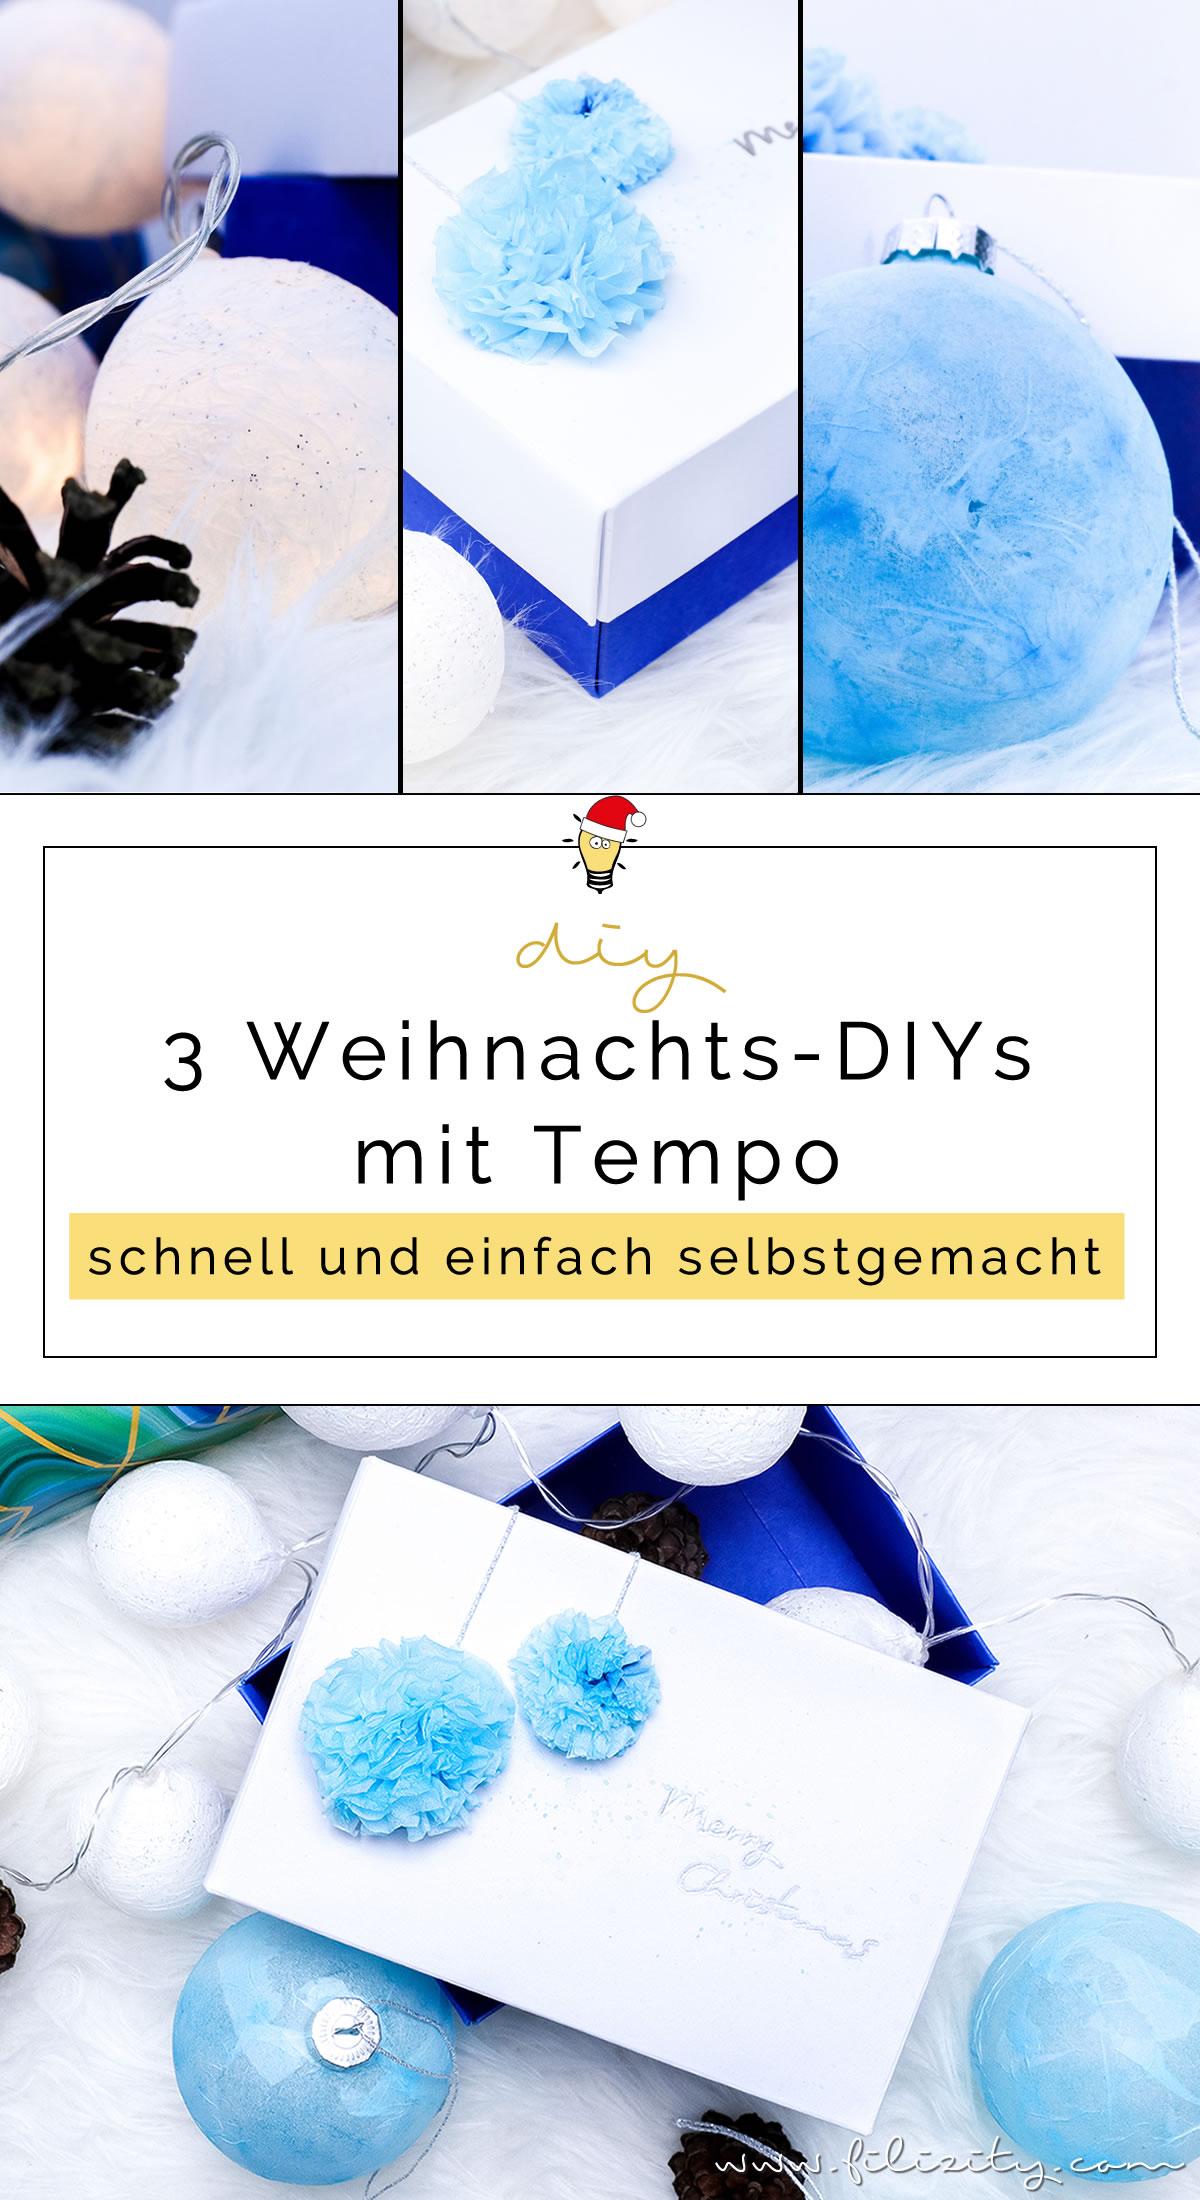 3 weihnachtliche DIY-Ideen mit Taschentüchern | Lichterkette, Christbaumkugeln mit Serviettentechnik & Geschenkverpackung mit Bommeln selber machen | Filizity.com | DIY-Blog aus dem Rheinland #weihnachten #tempo